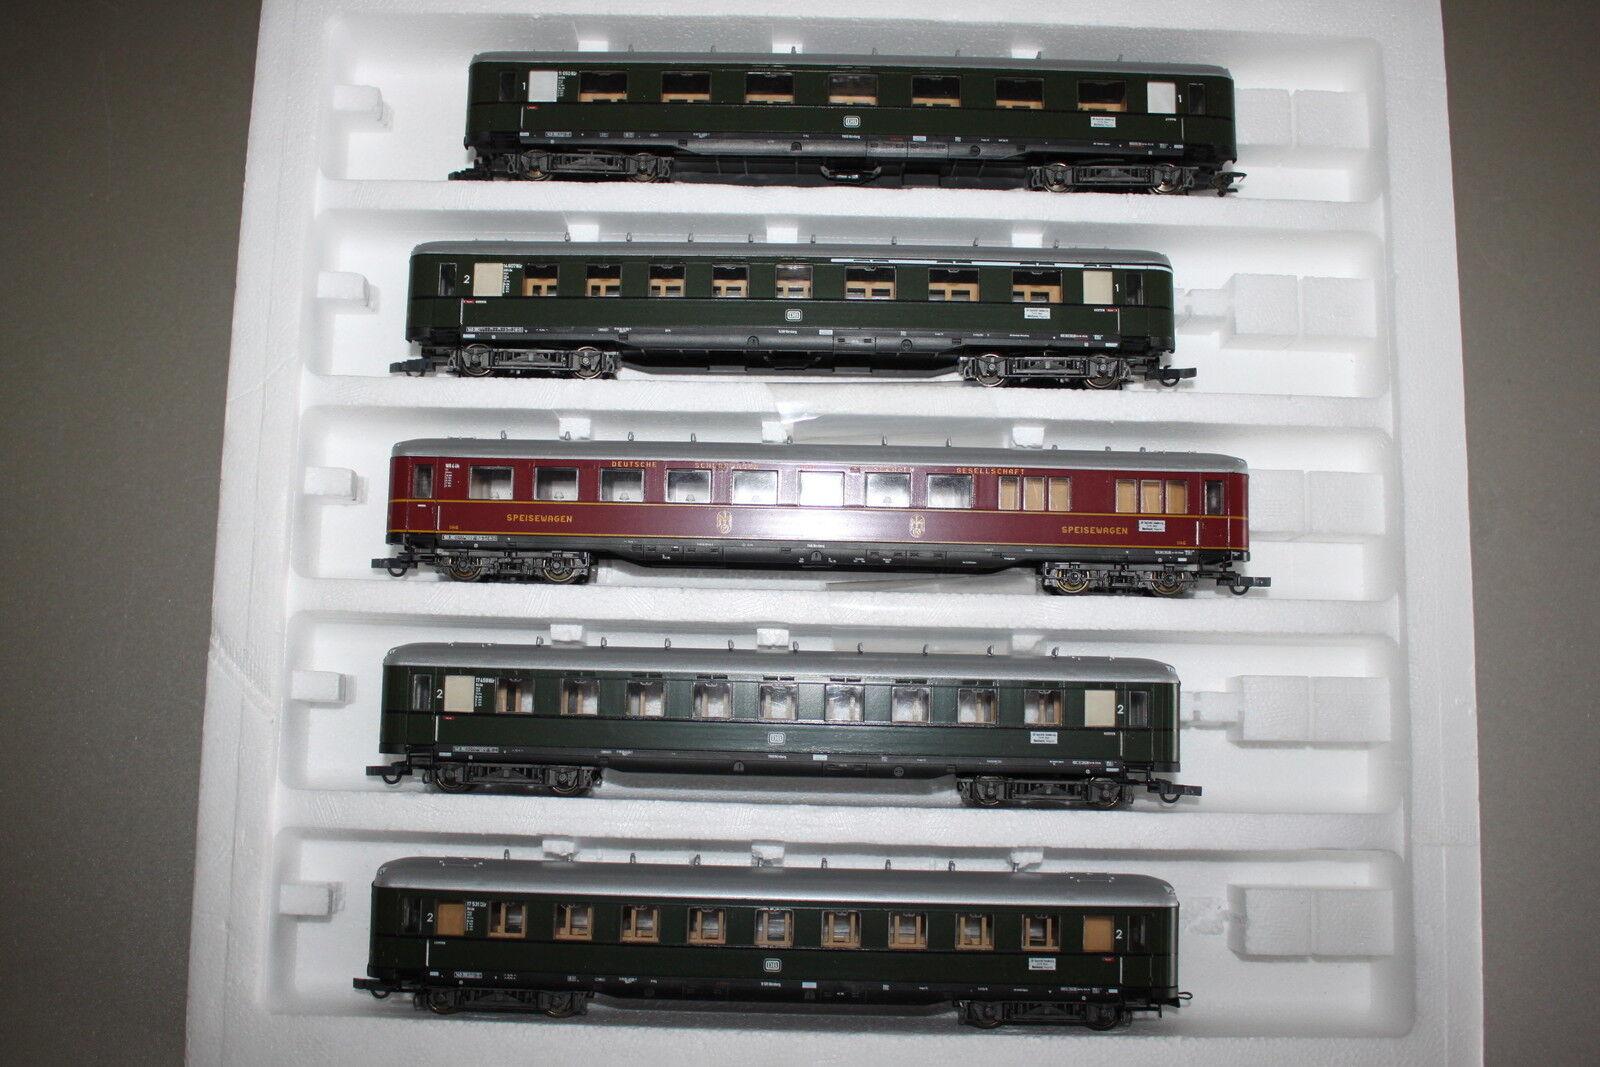 Liliput 834 personuovoagen-Set 150 anni ferrovie tedesche 5 pezzi traccia h0 OVP